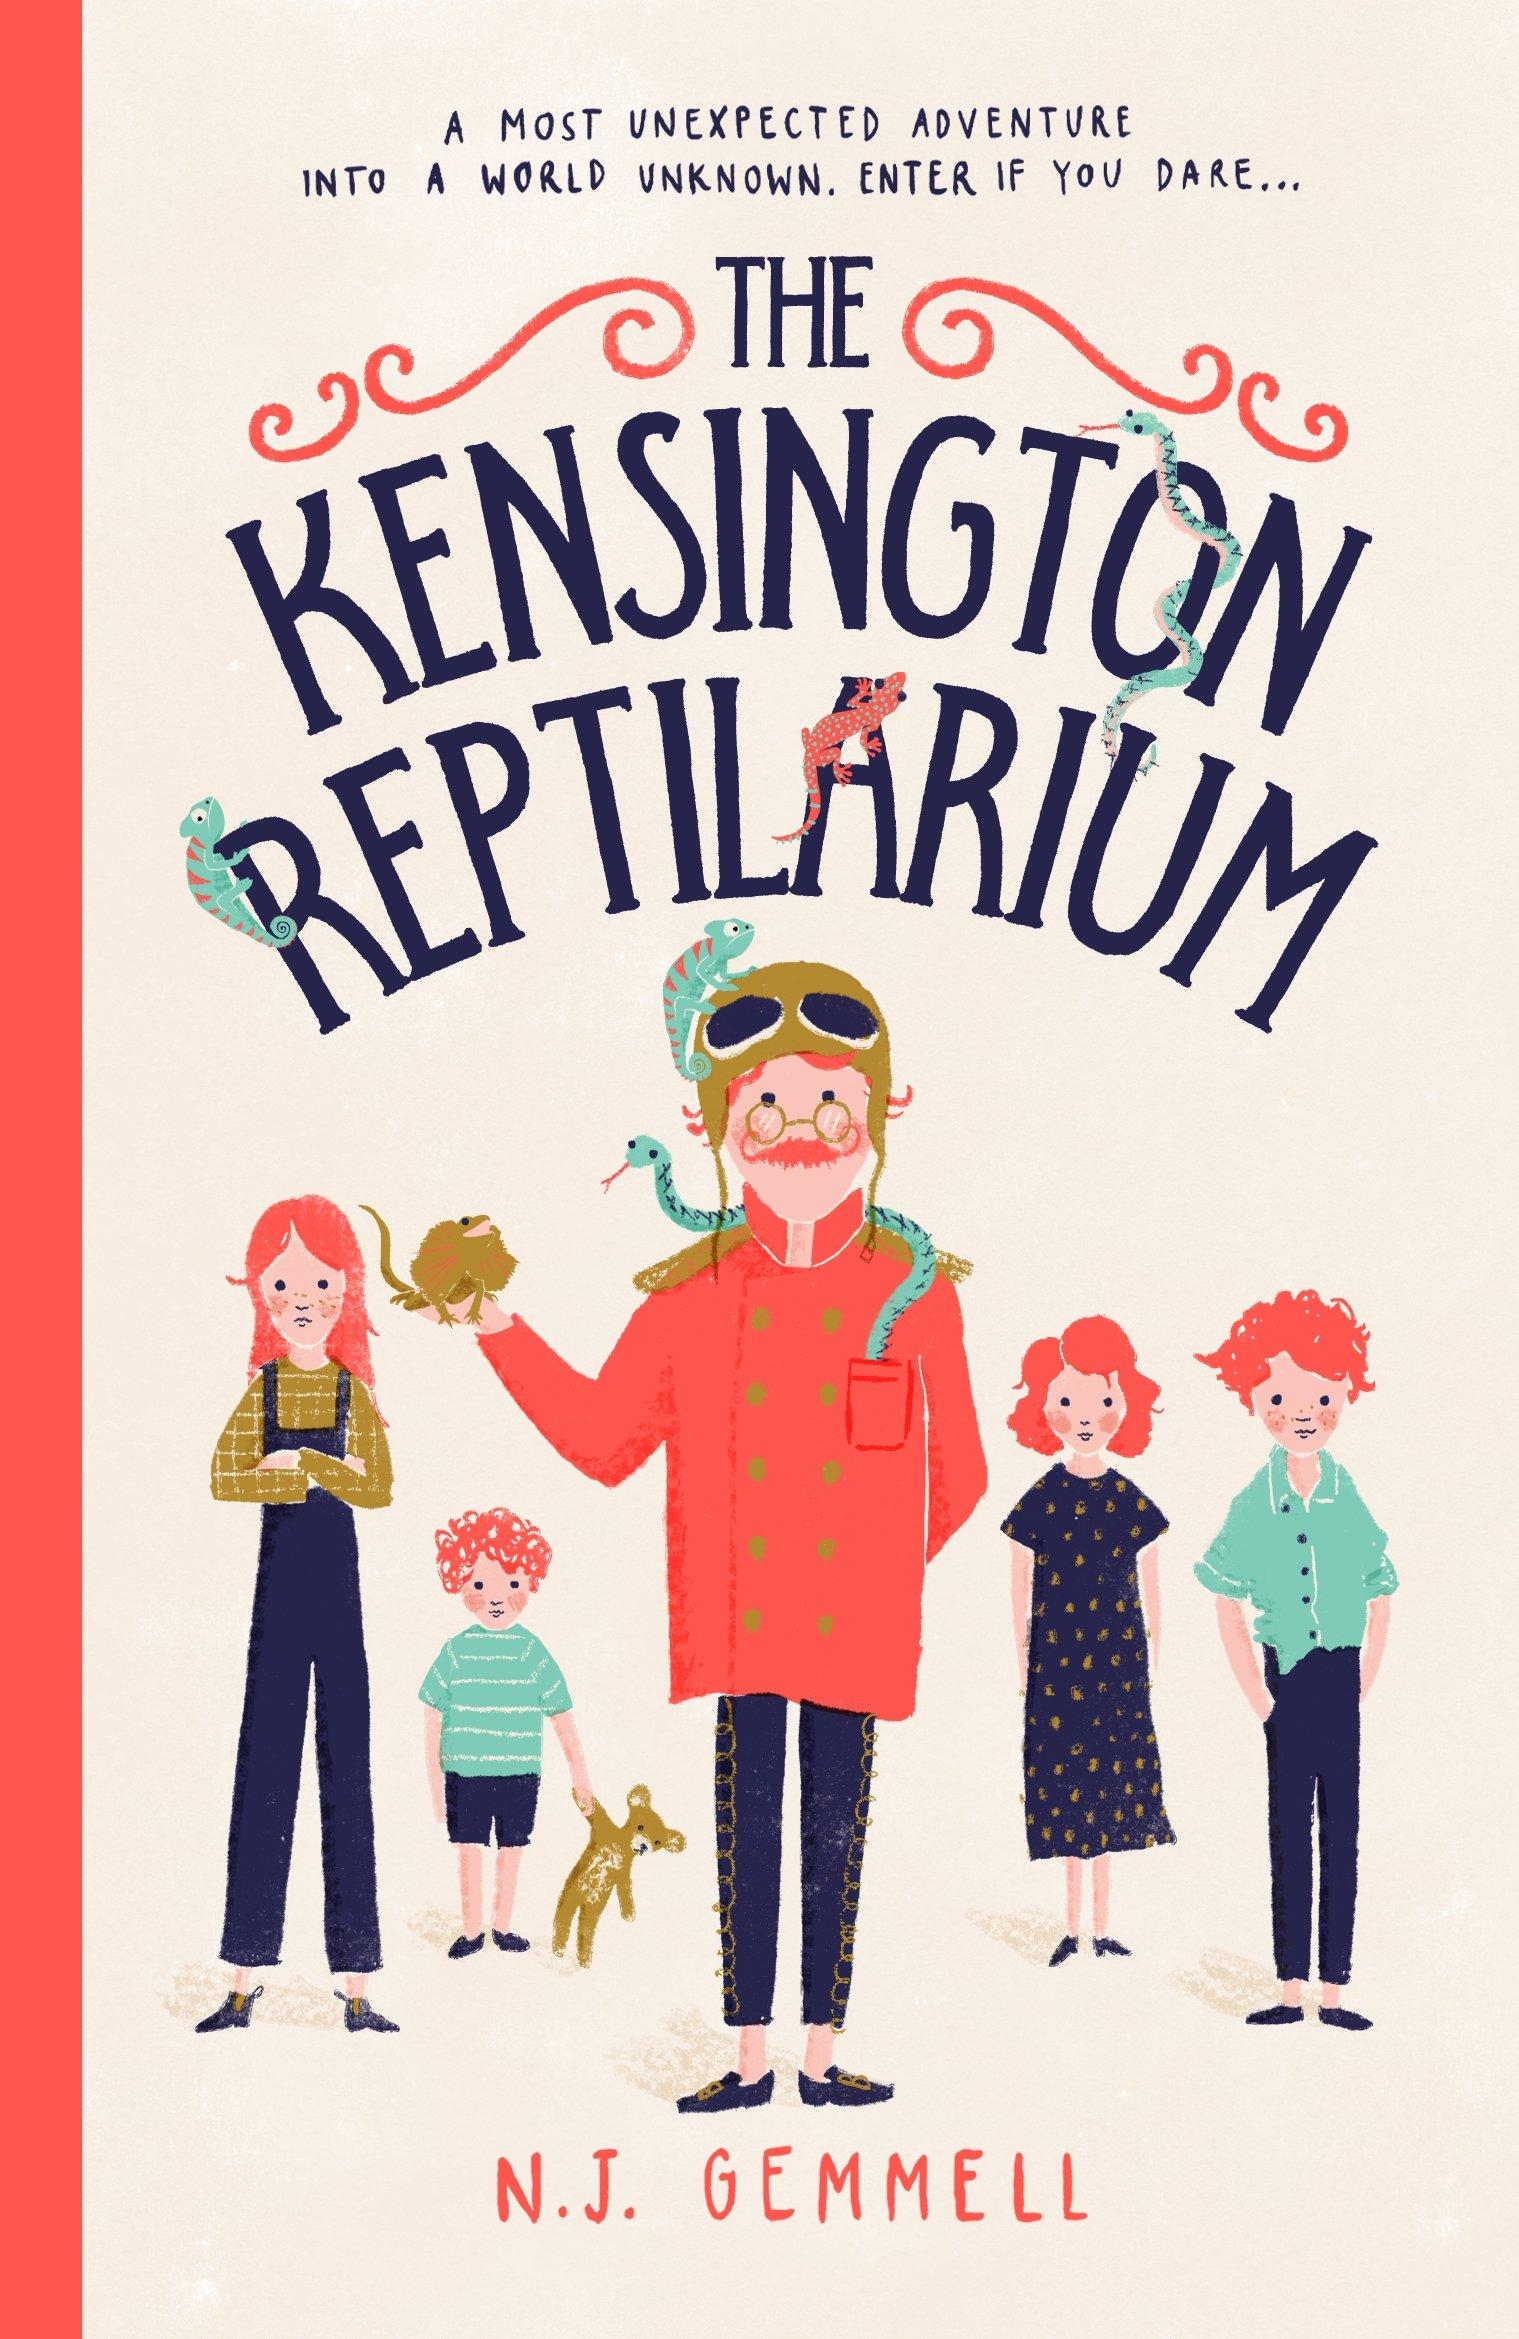 The Kensington Reptilarium PDF